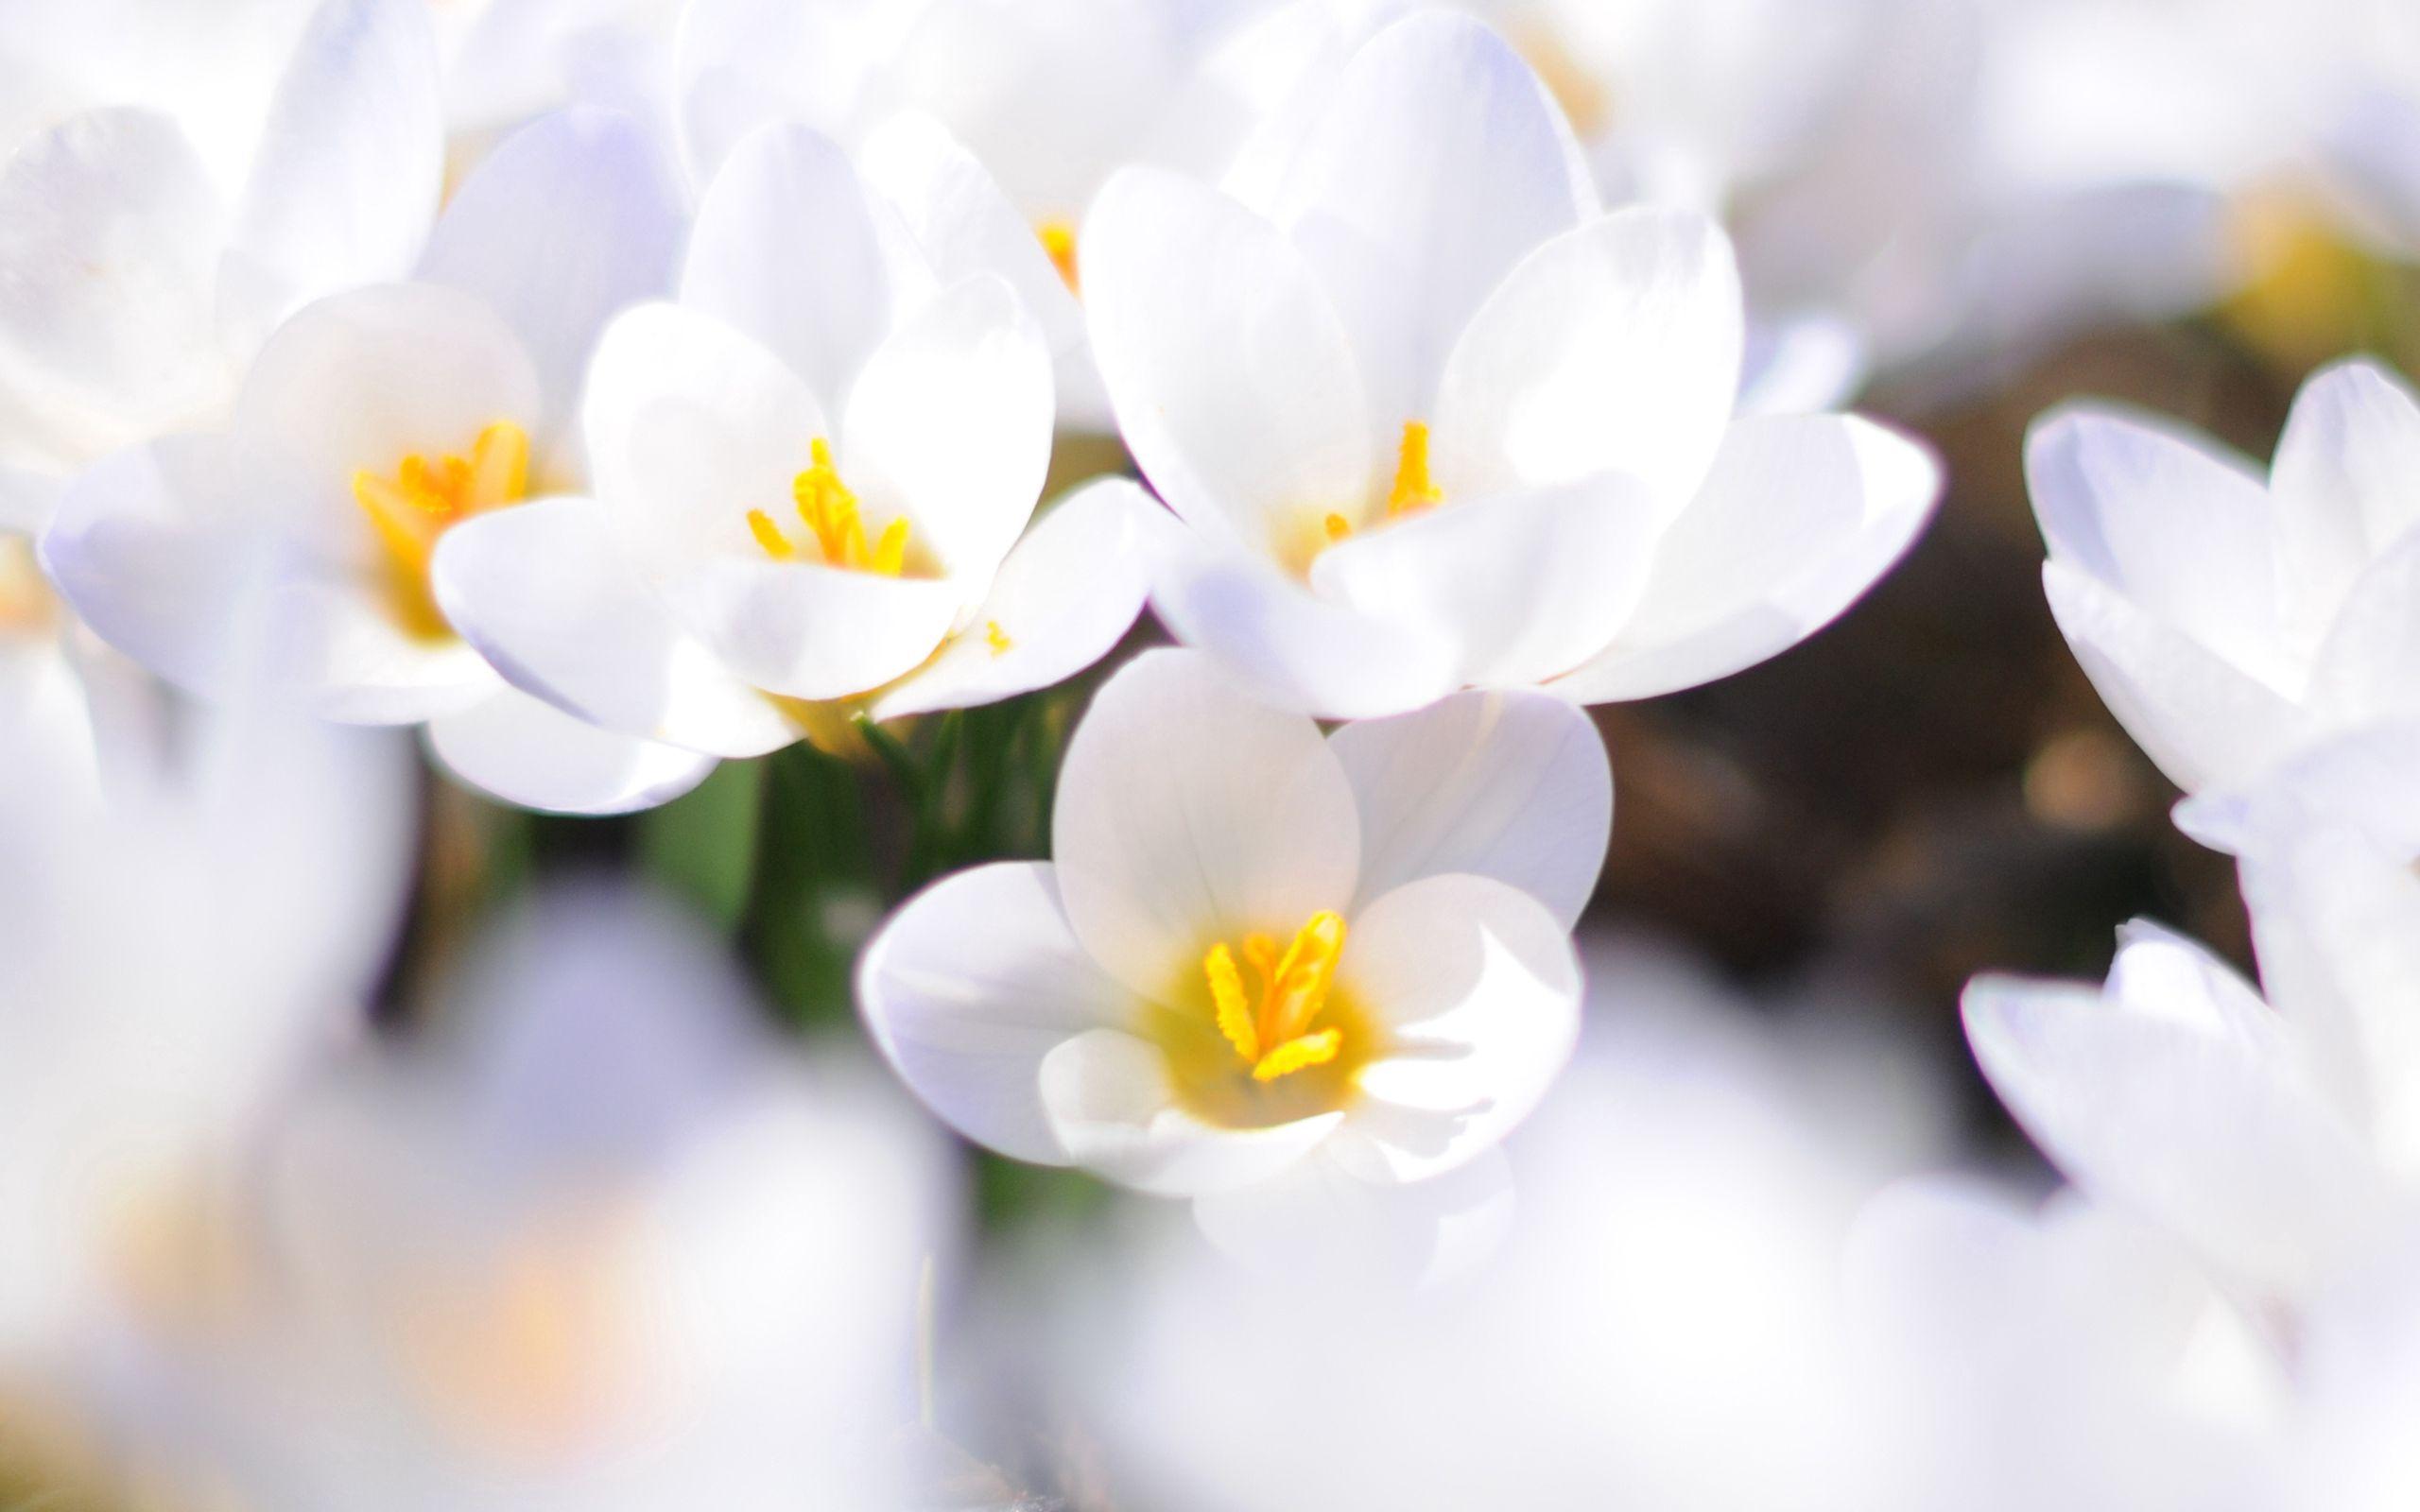 152705 скачать Белые обои на телефон бесплатно, Весна, Цветы, Крупный План, Настроение, Крокусы Белые картинки и заставки на мобильный